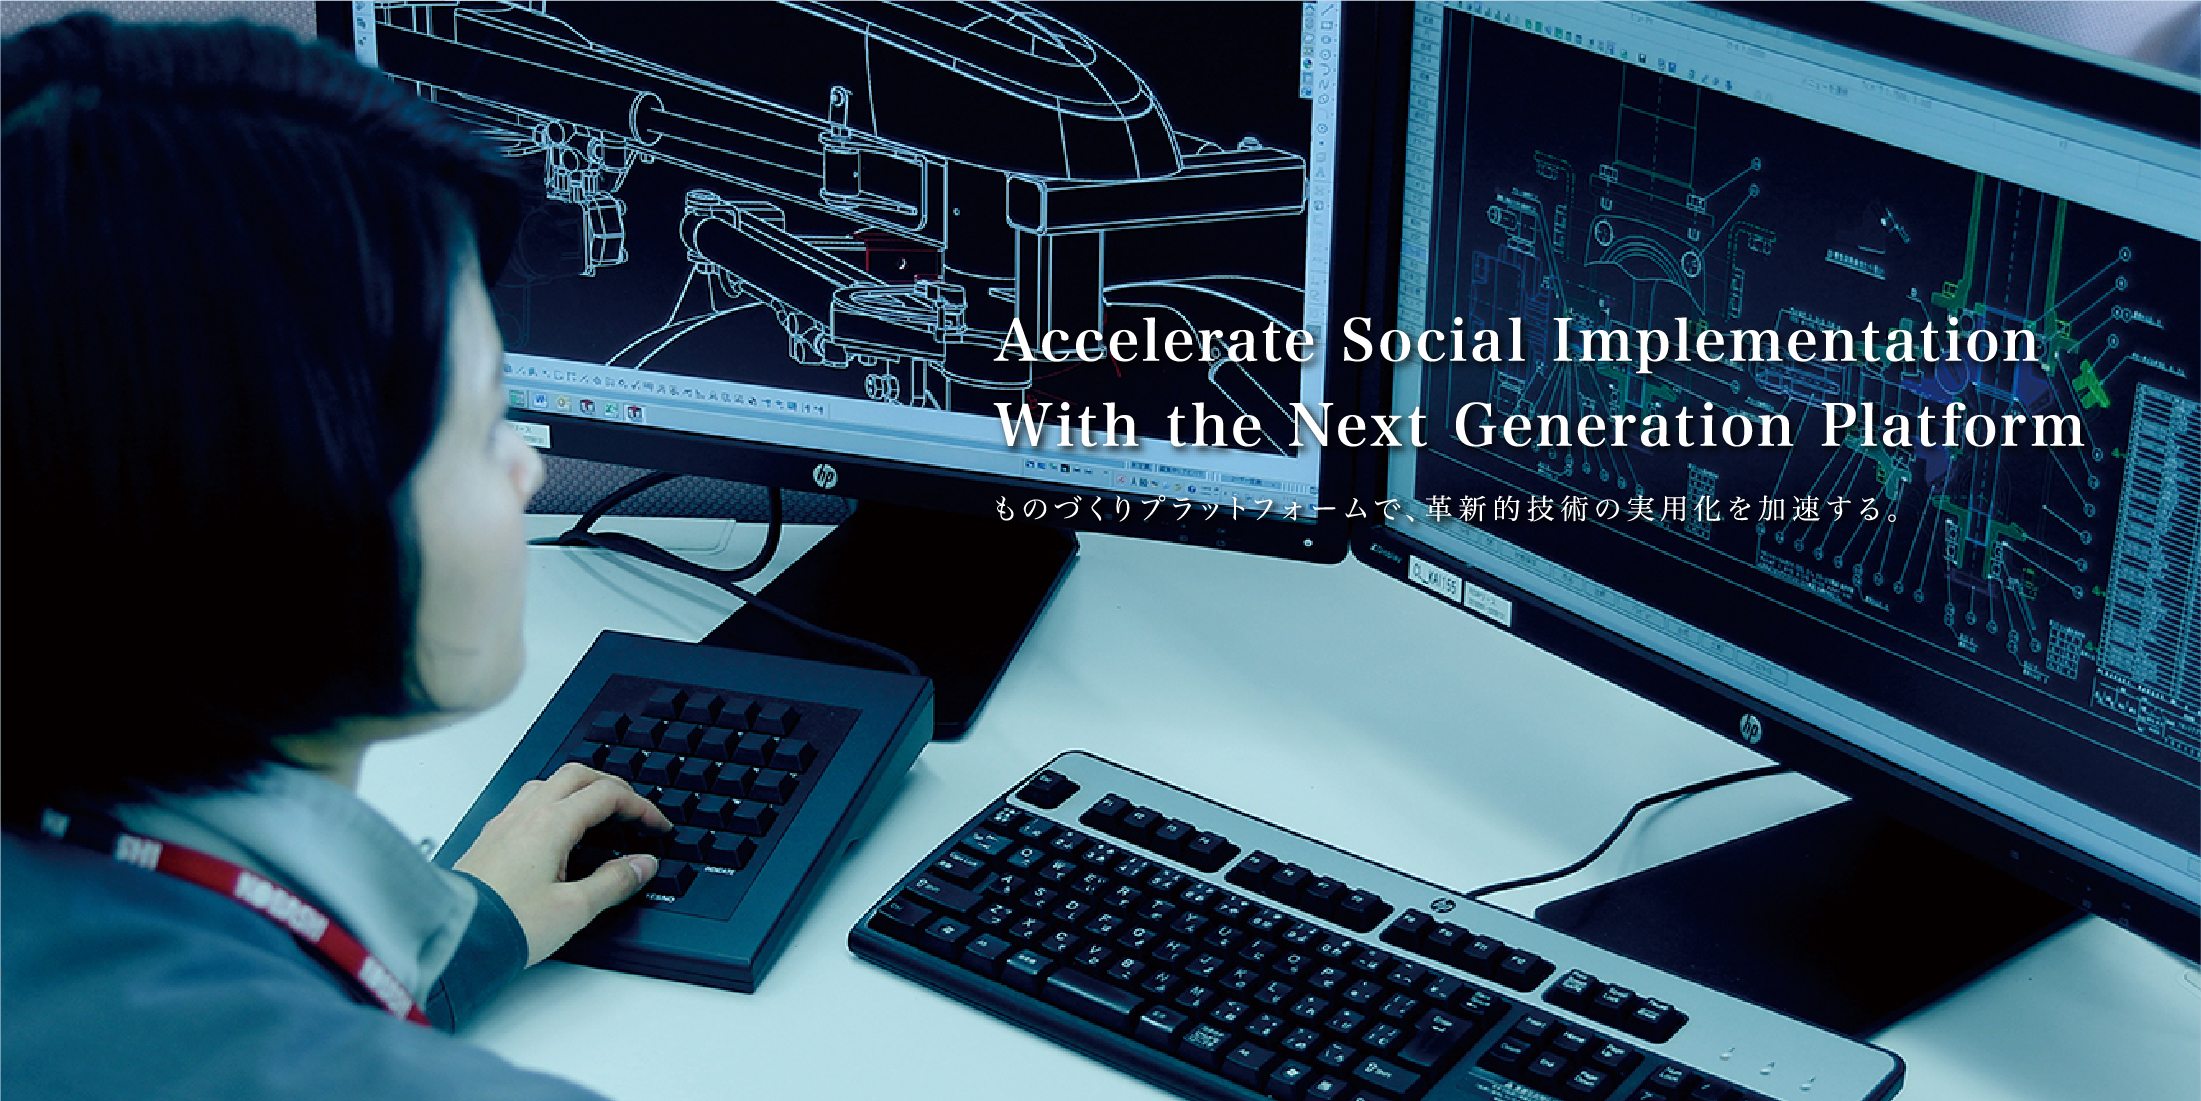 ものづくりプラットフォームで、革新的技術の実用化を加速する Accelerate social implementation with the next generation platform